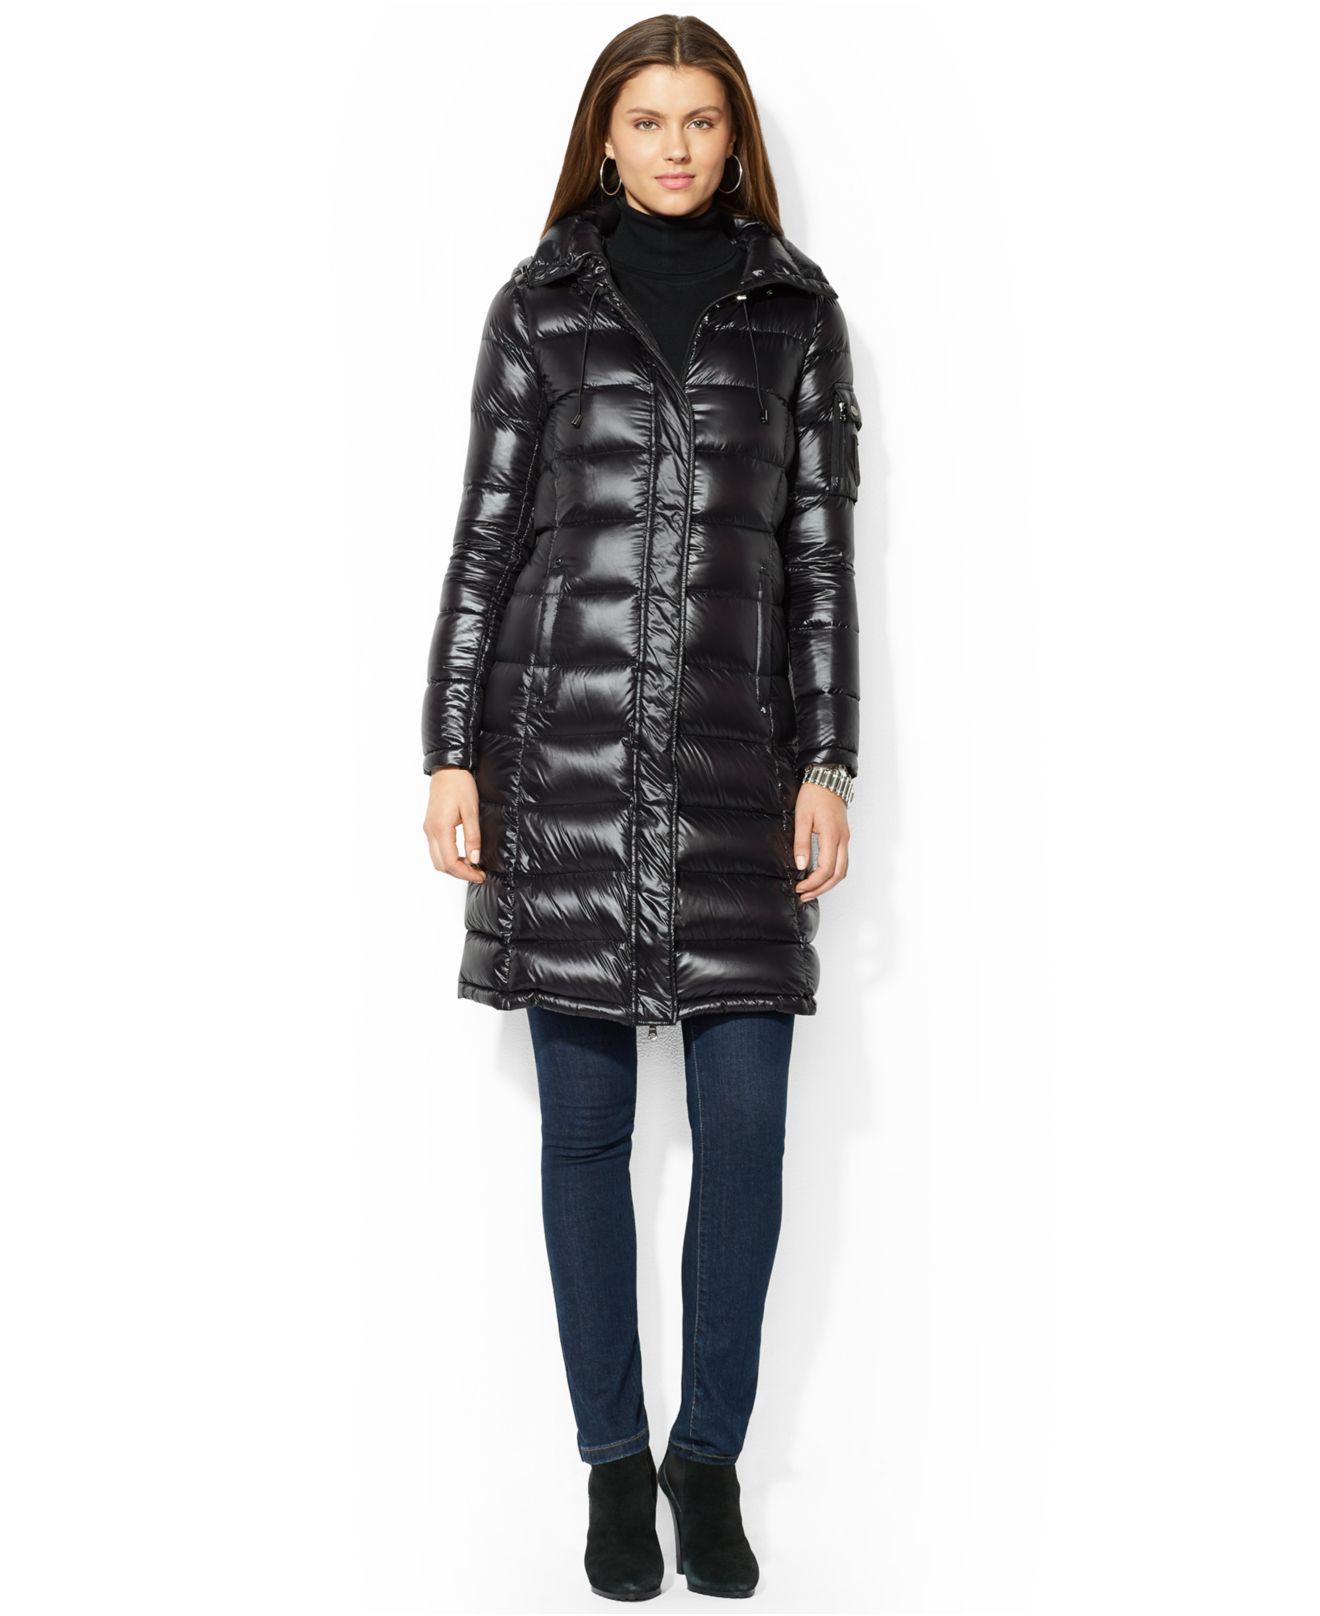 Lauren By Ralph Lauren Packable Down Puffer Coat In Black